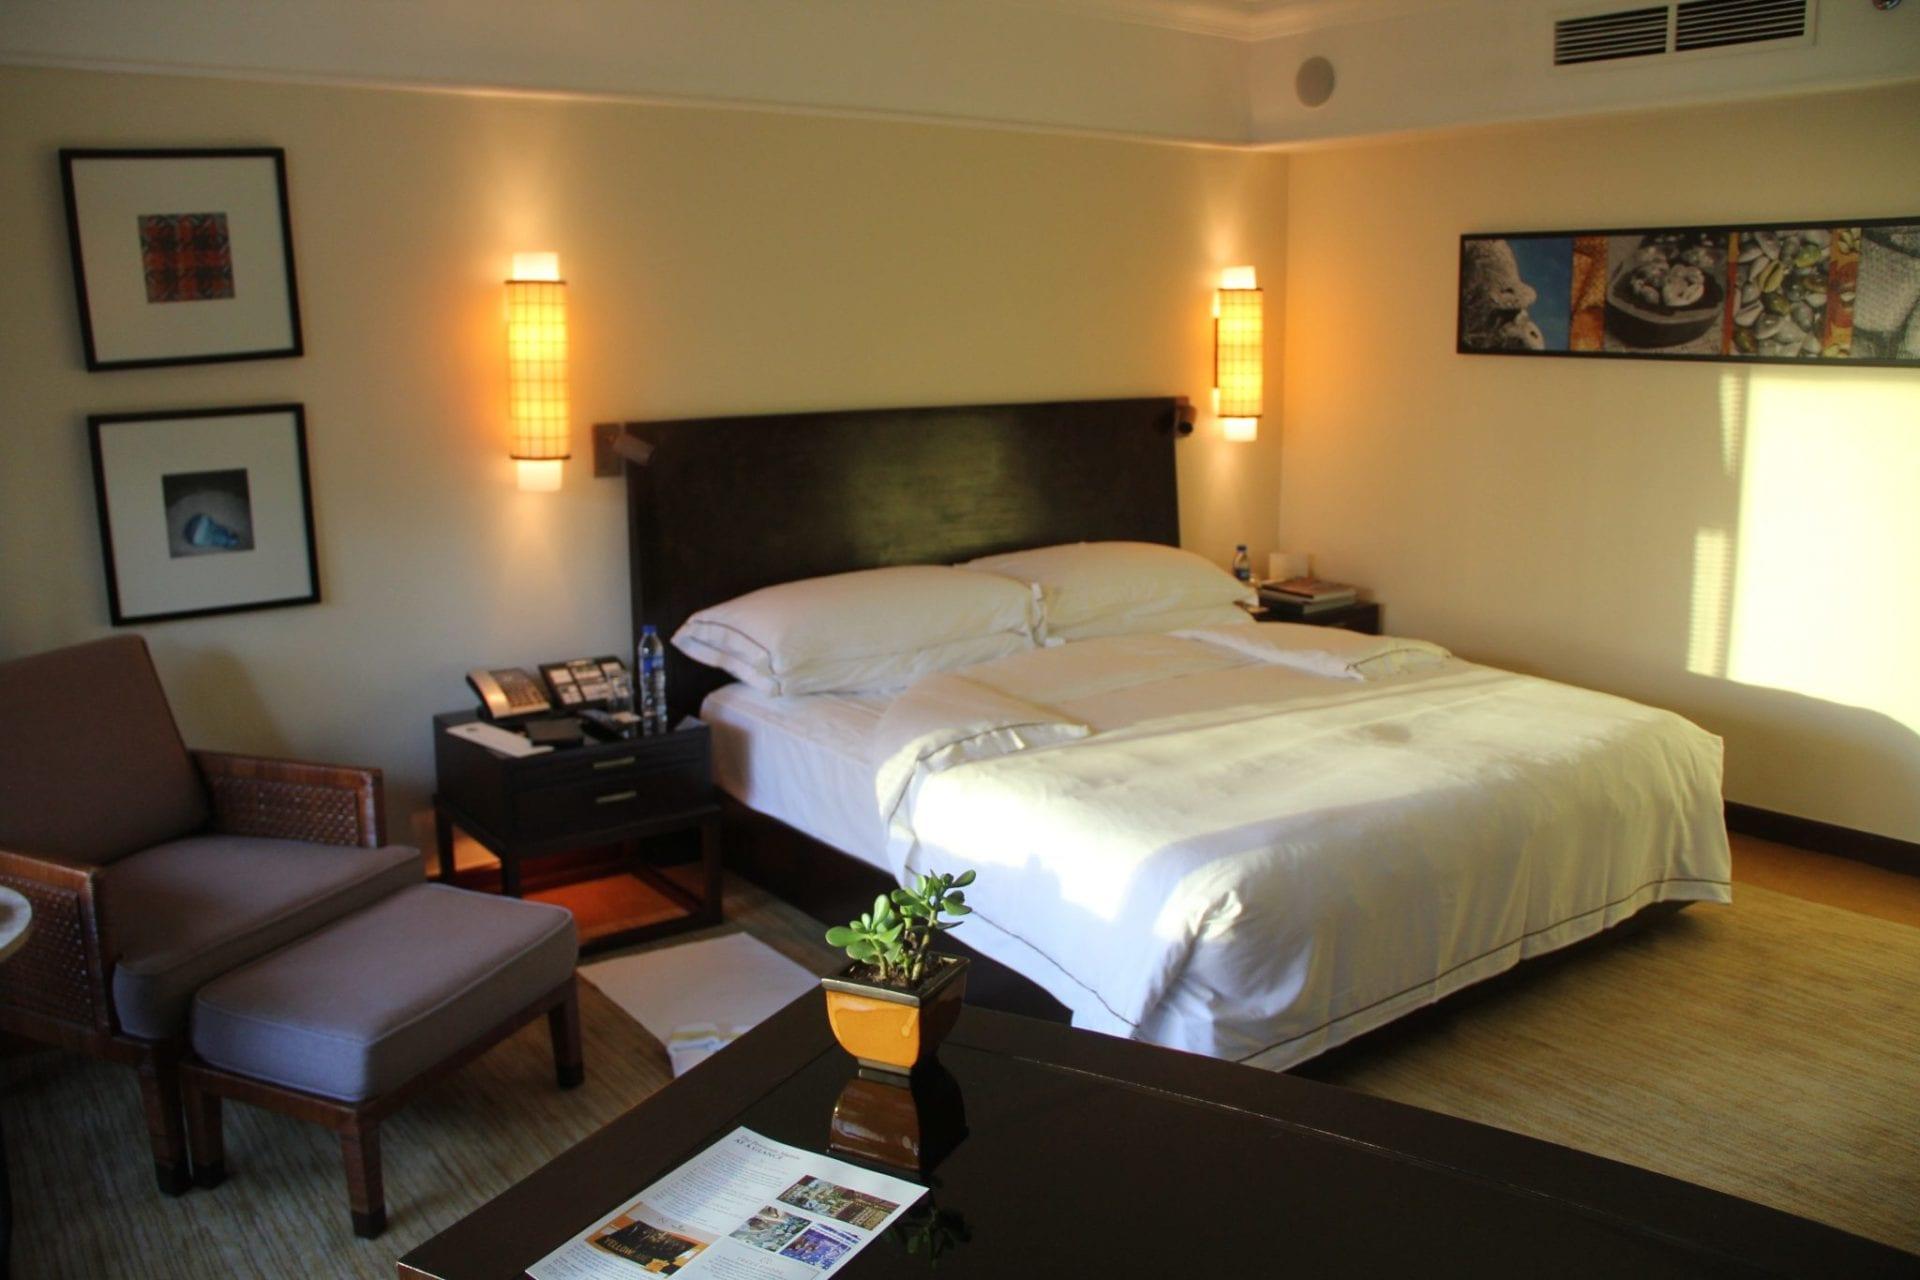 Hotelbuchungen werden mit doppelten oder dreifachen Meilen vergütet